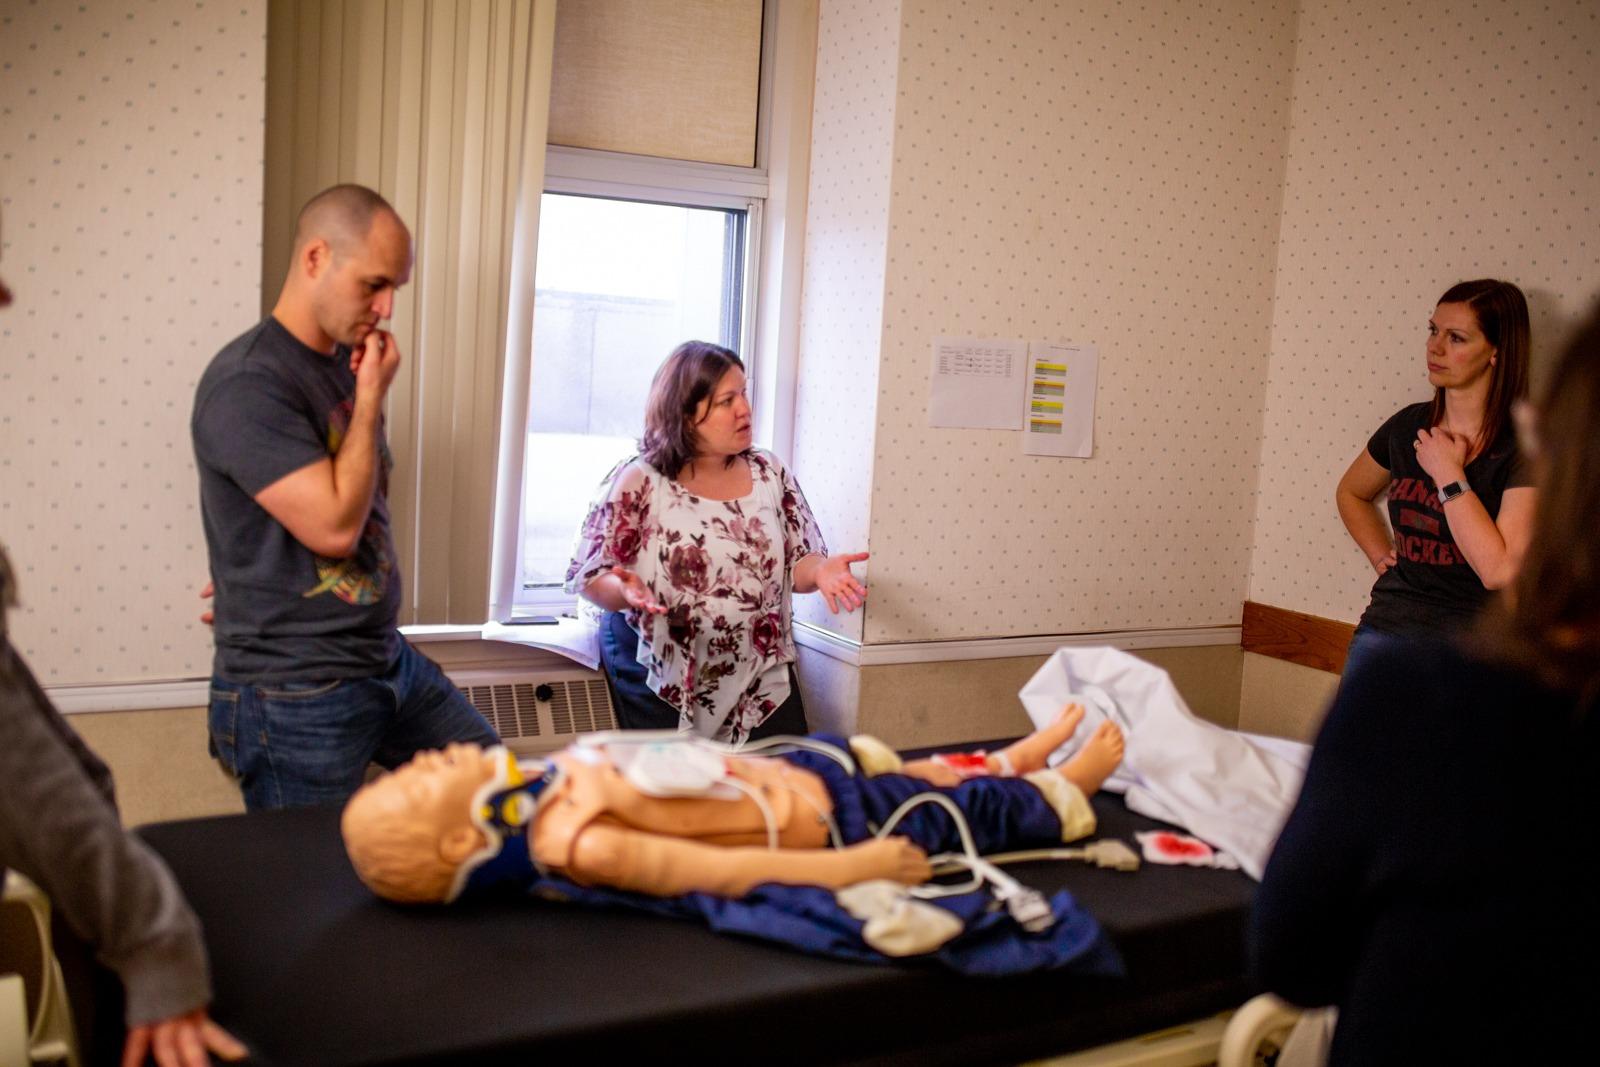 hospital staff gather around a child-size mannequin